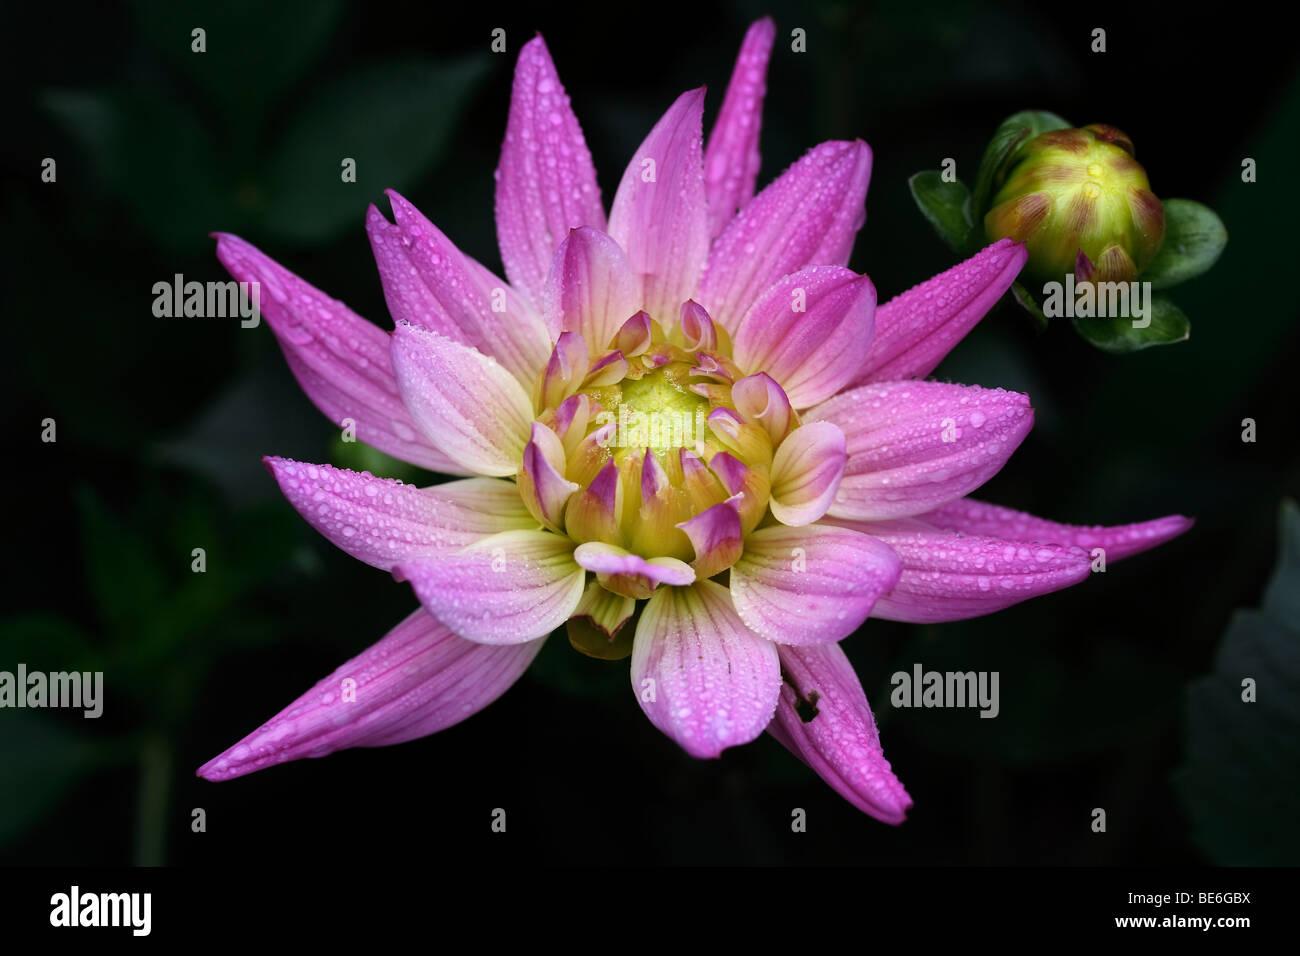 Lily like flower stock photos lily like flower stock images alamy water lily like dahlia flower dahlia hybrida stock image izmirmasajfo